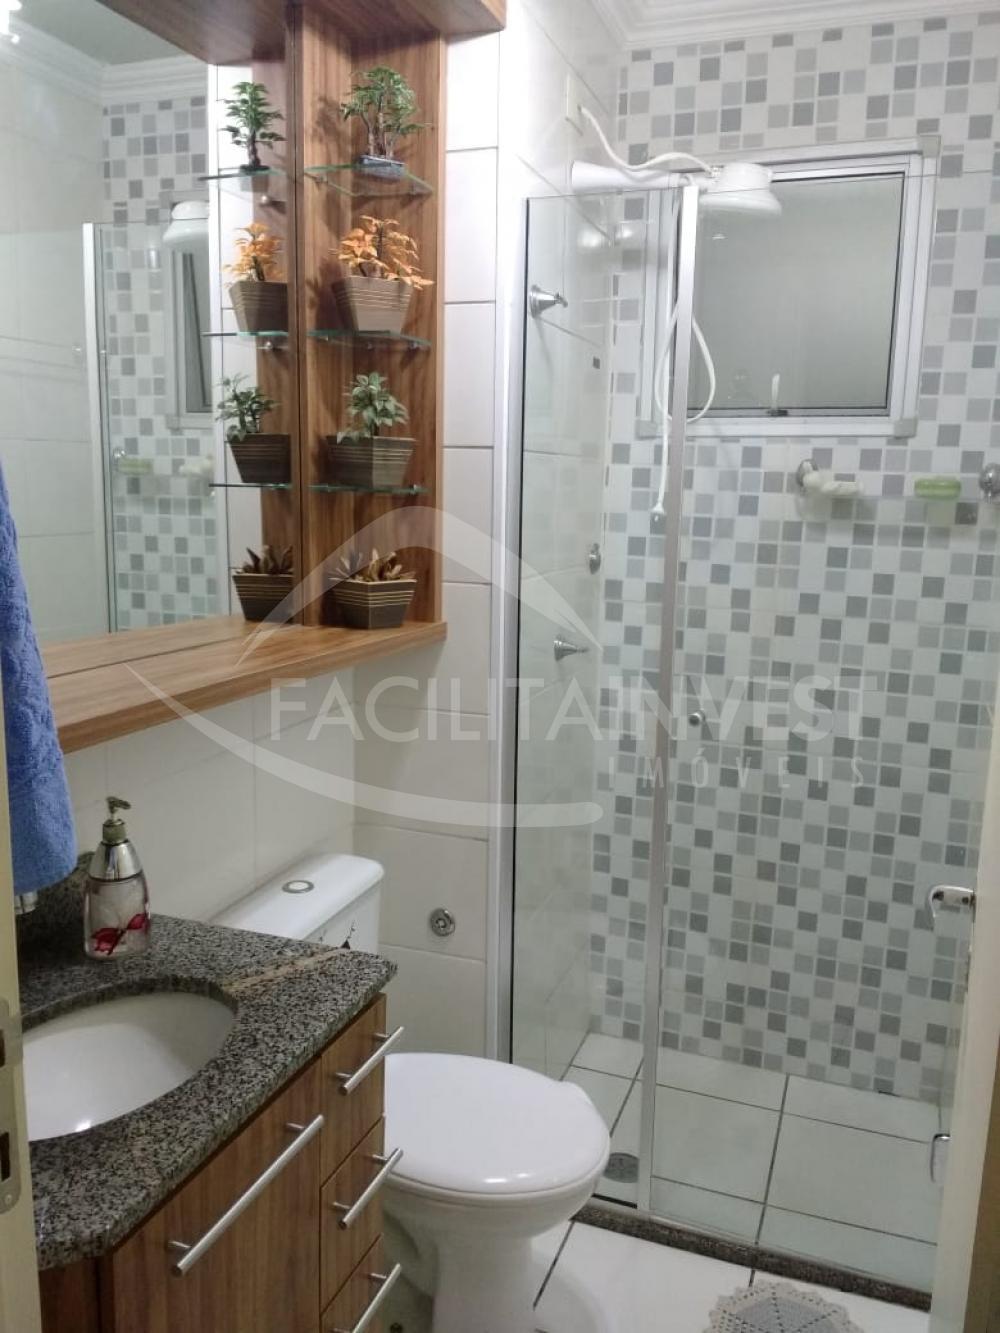 Comprar Apartamentos / Apart. Padrão em Ribeirão Preto apenas R$ 240.000,00 - Foto 18